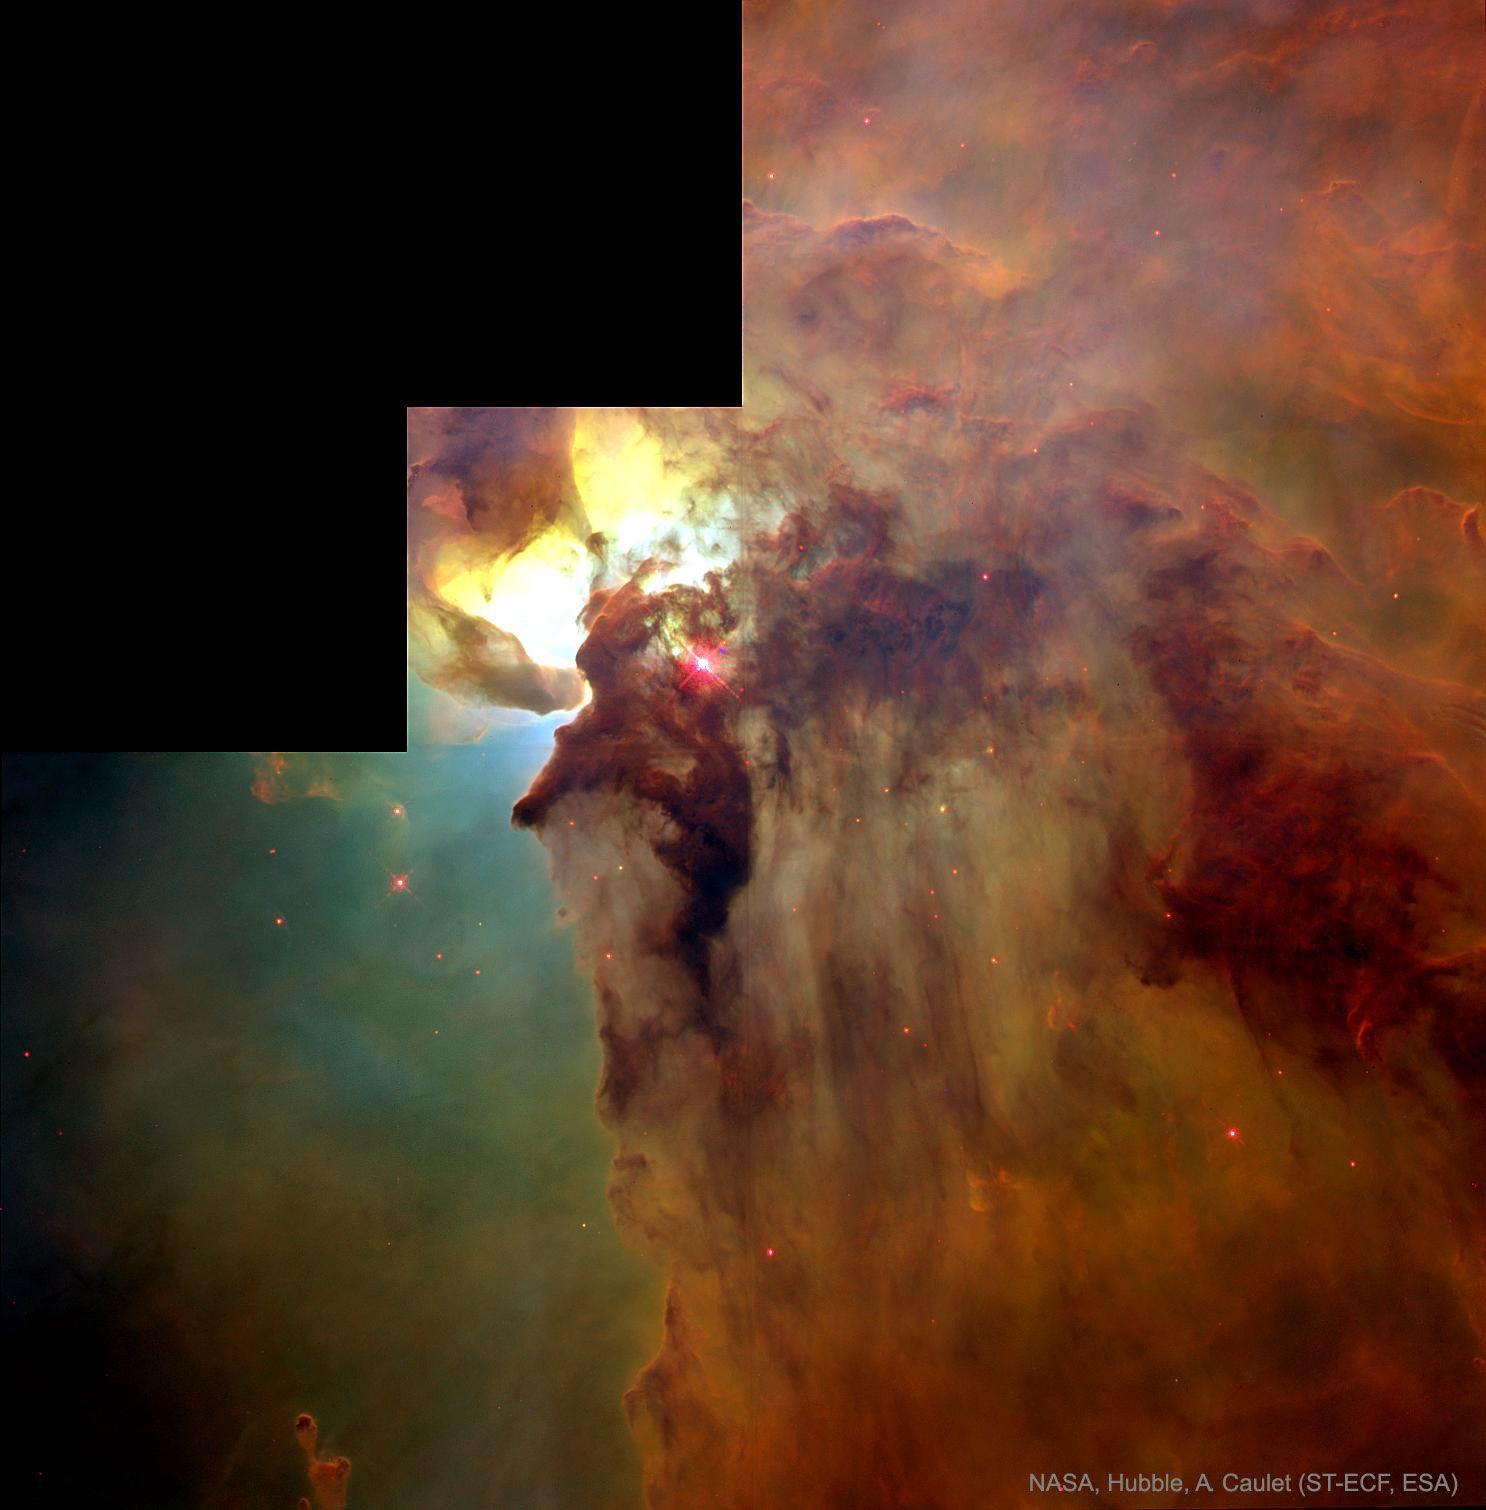 El centro de la nebulosa Laguna es un espectacular remolino de formación estelar.  En la parte inferior izquierda se ven al menos dos nubes largas en forma de embudo, cada una de una longitud aproximada de medio año luz, formadas por vientos estelares extremos y la intensa y energética luz estelar. Hershel 36, la estrella cercana y extremadamente brillante, ilumina la zona.